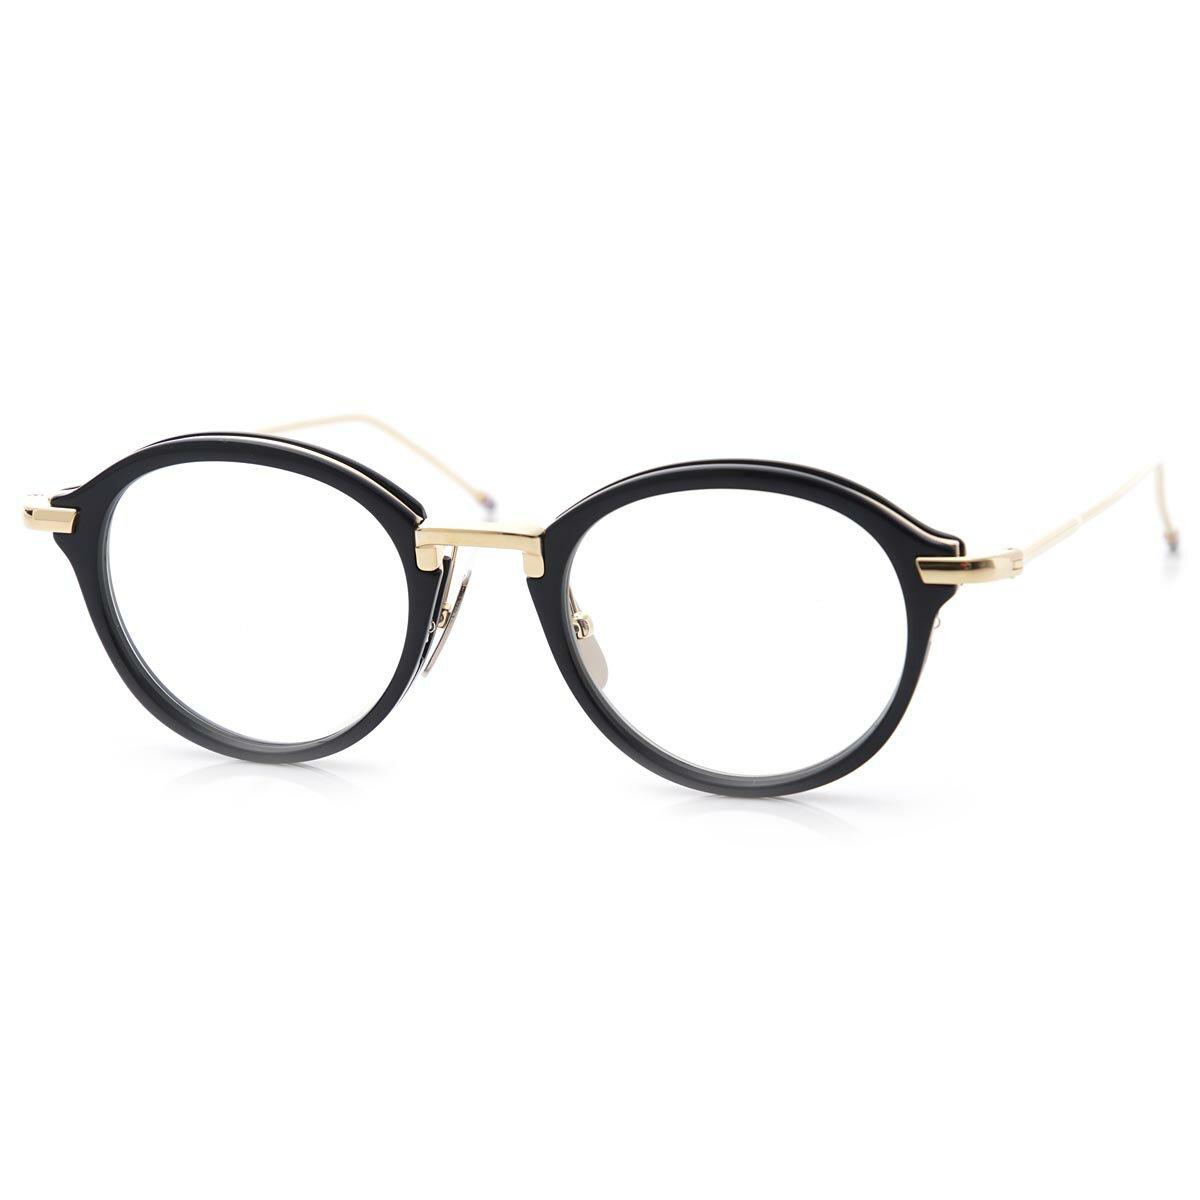 a2566e60e1ec トムブラウン THOM BROWNE. 眼鏡 メガネ ブルー メンズ 黒 tb 011 f nvy gld  オーバル あす楽対応 関東  返品送料無料  ラッピング無料